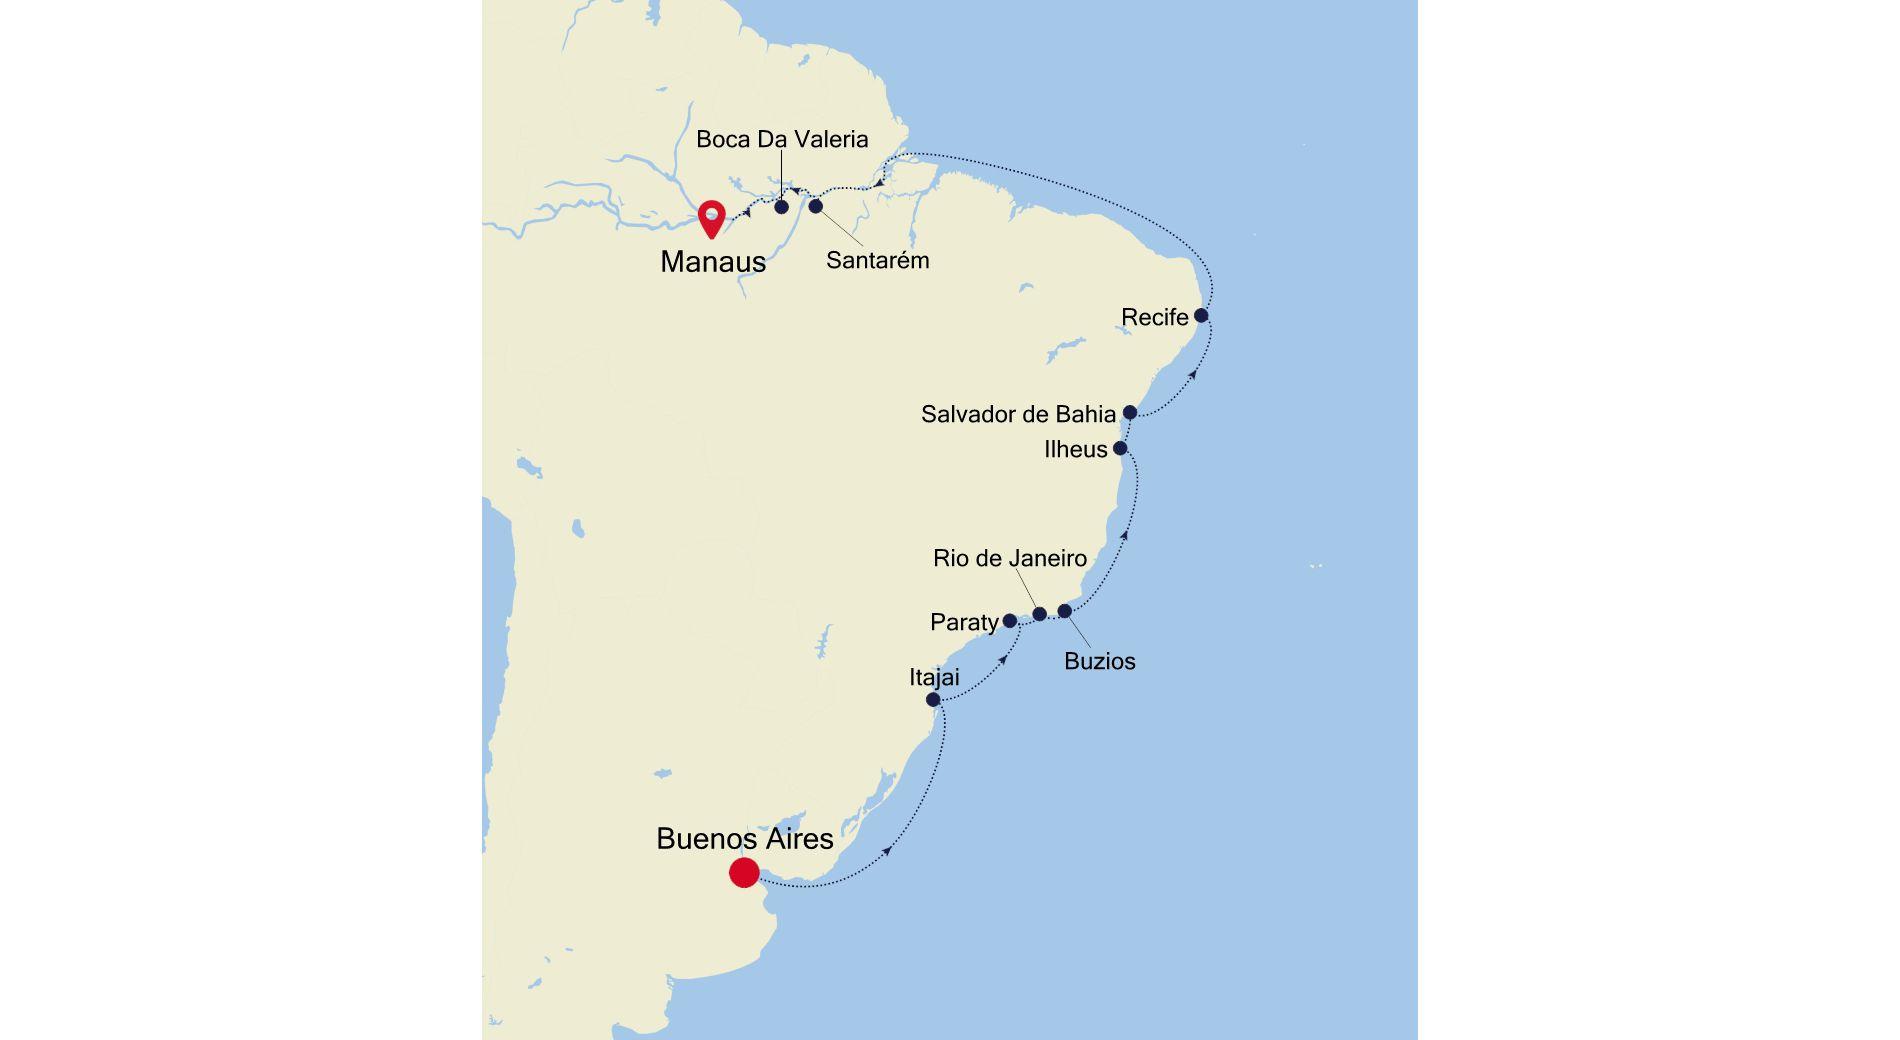 DA220209021 - Buenos Aires nach Manaus